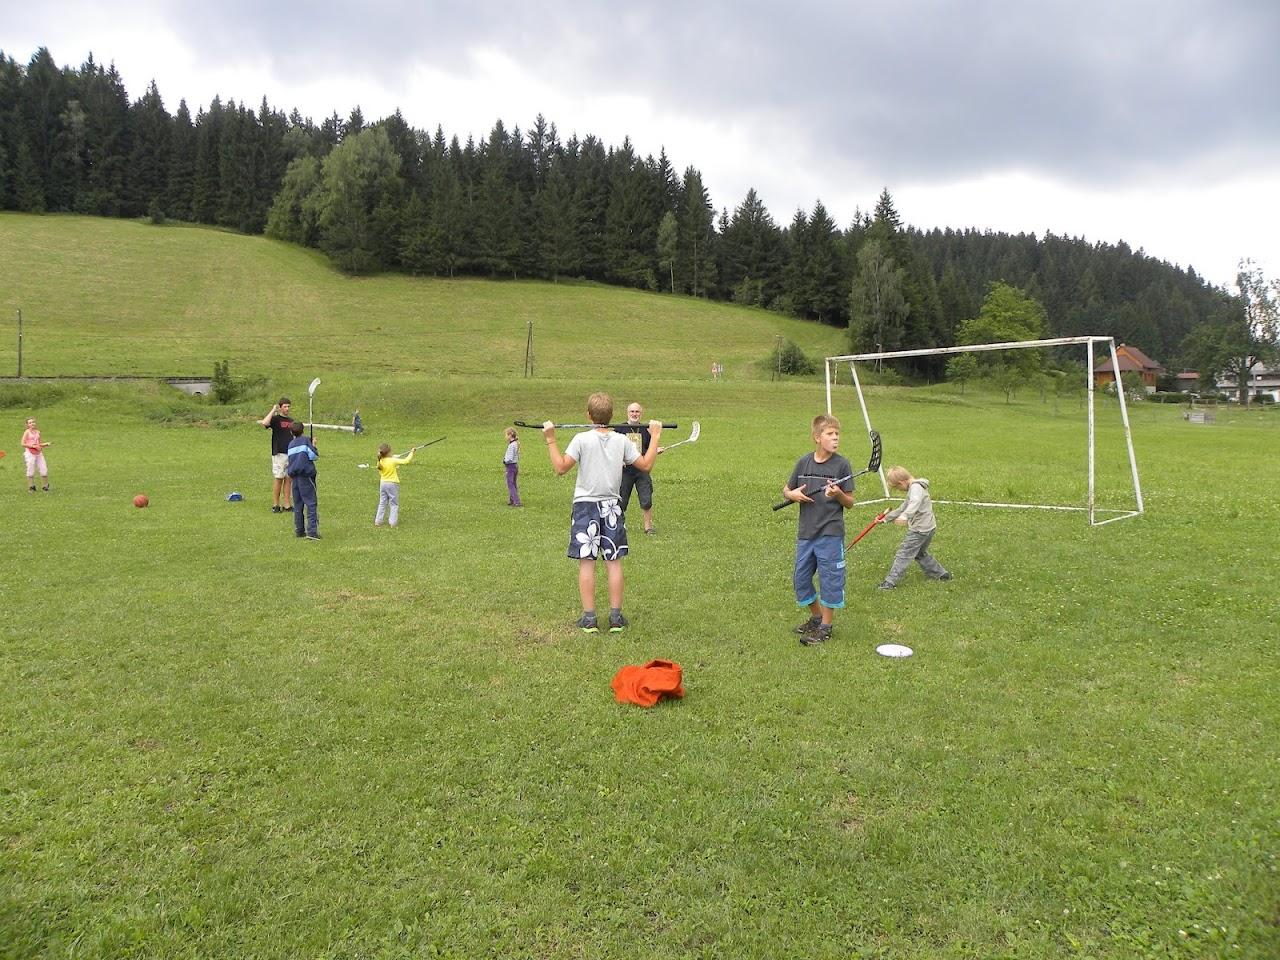 Tábor - Veľké Karlovice - fotka 534.JPG